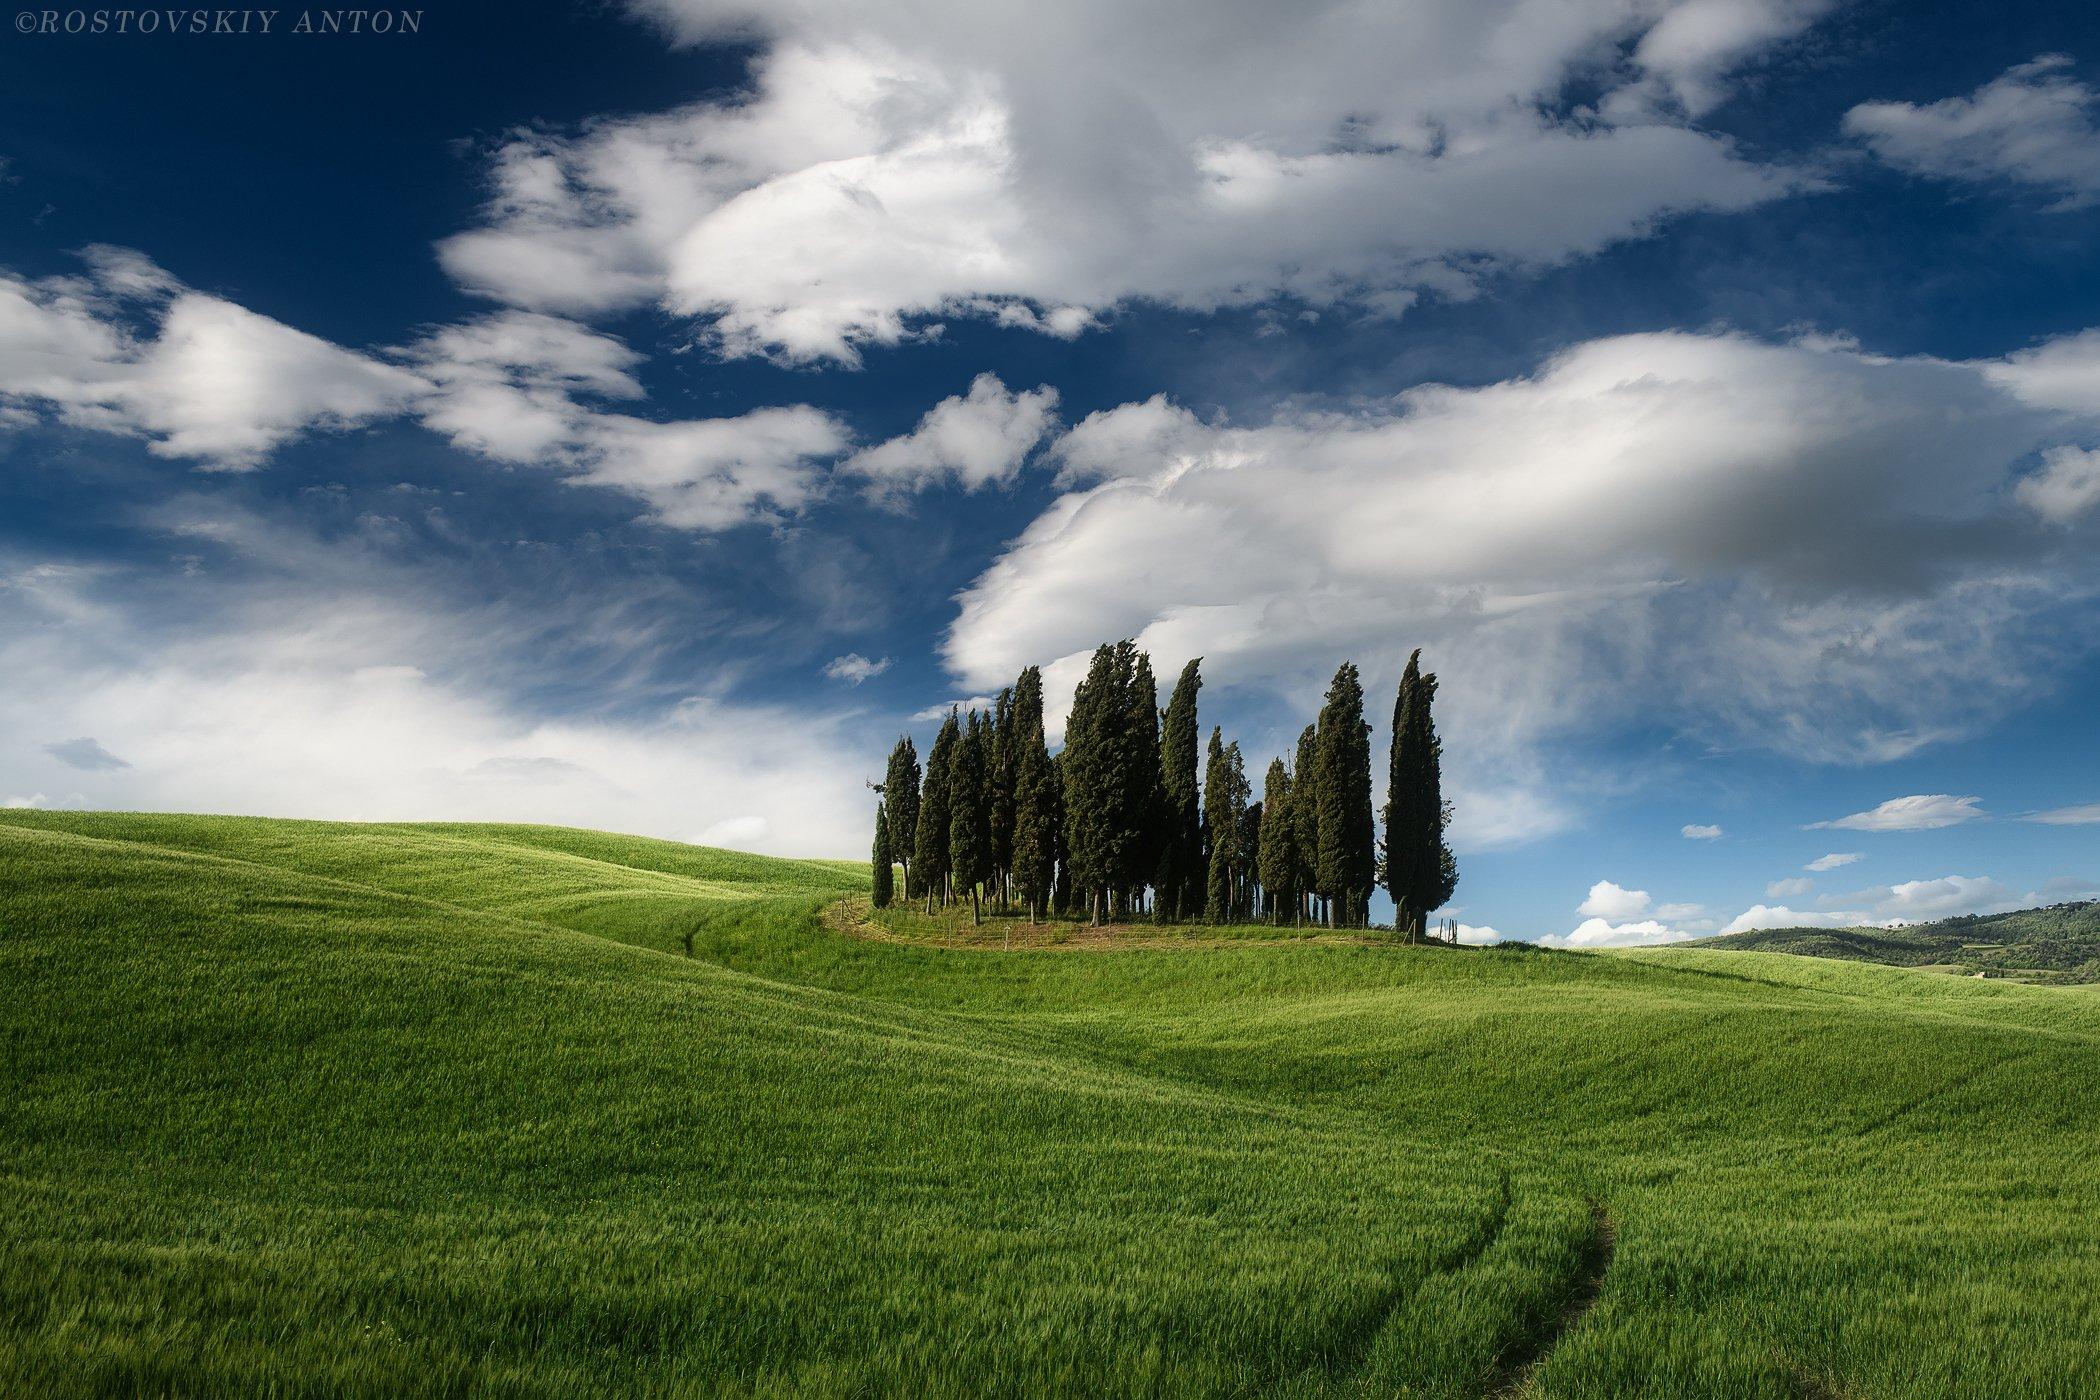 Тоскана, фототур, кипарисы, облака, Италия, зелень,, Ростовский Антон